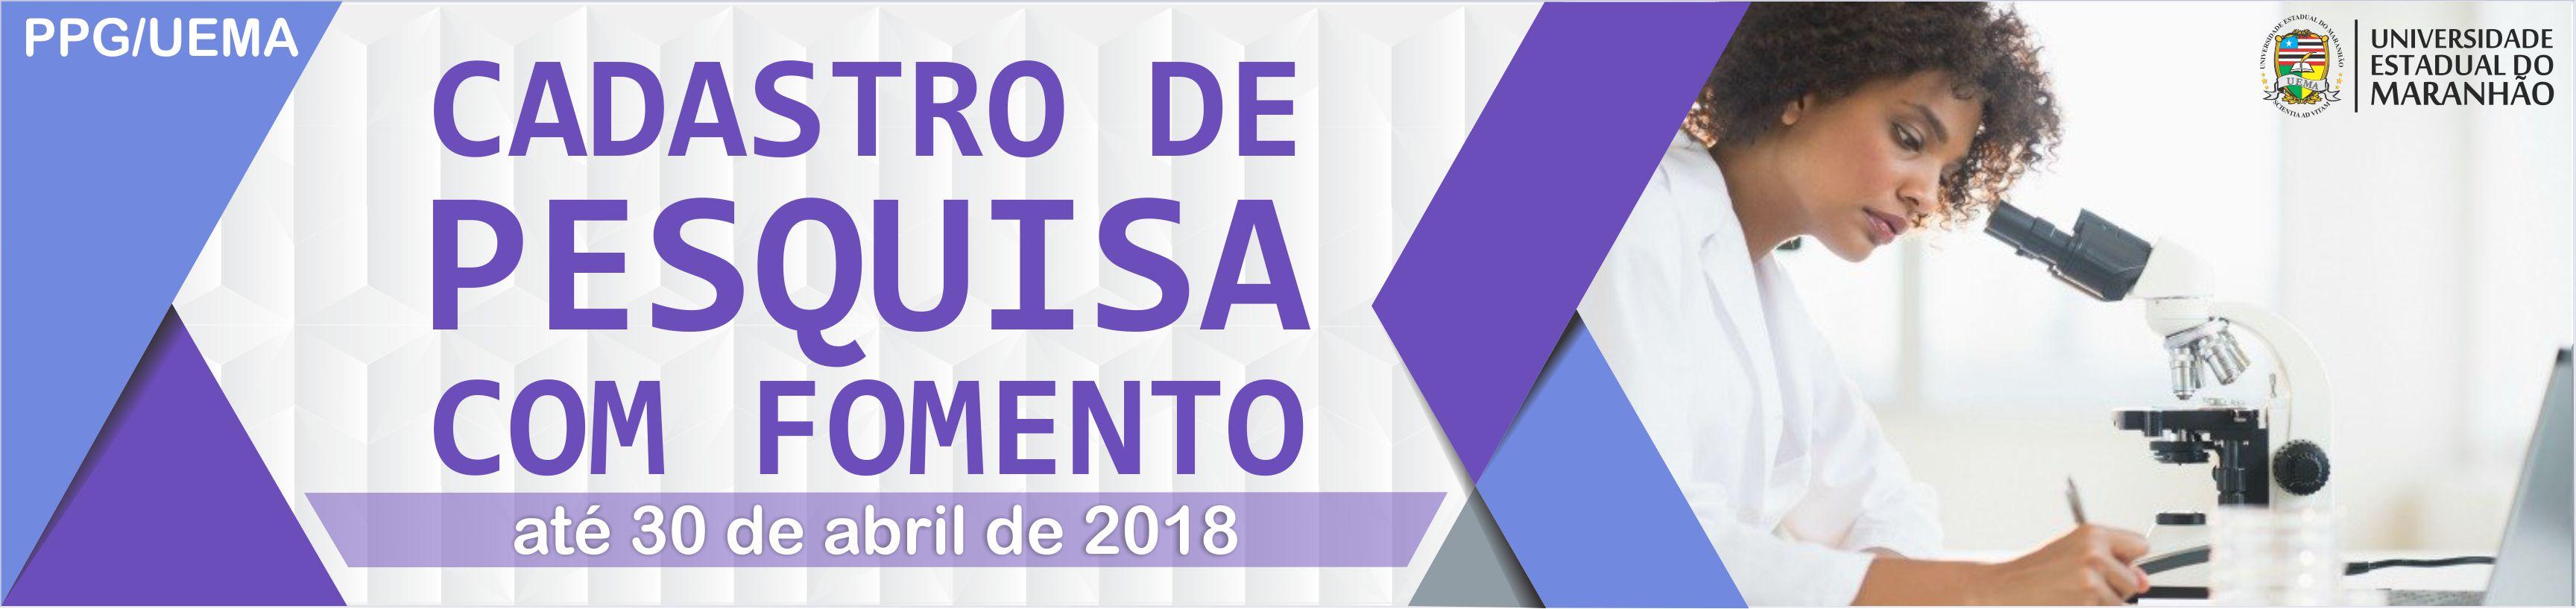 Divulgação_Pesquisa_com_fomento_2018